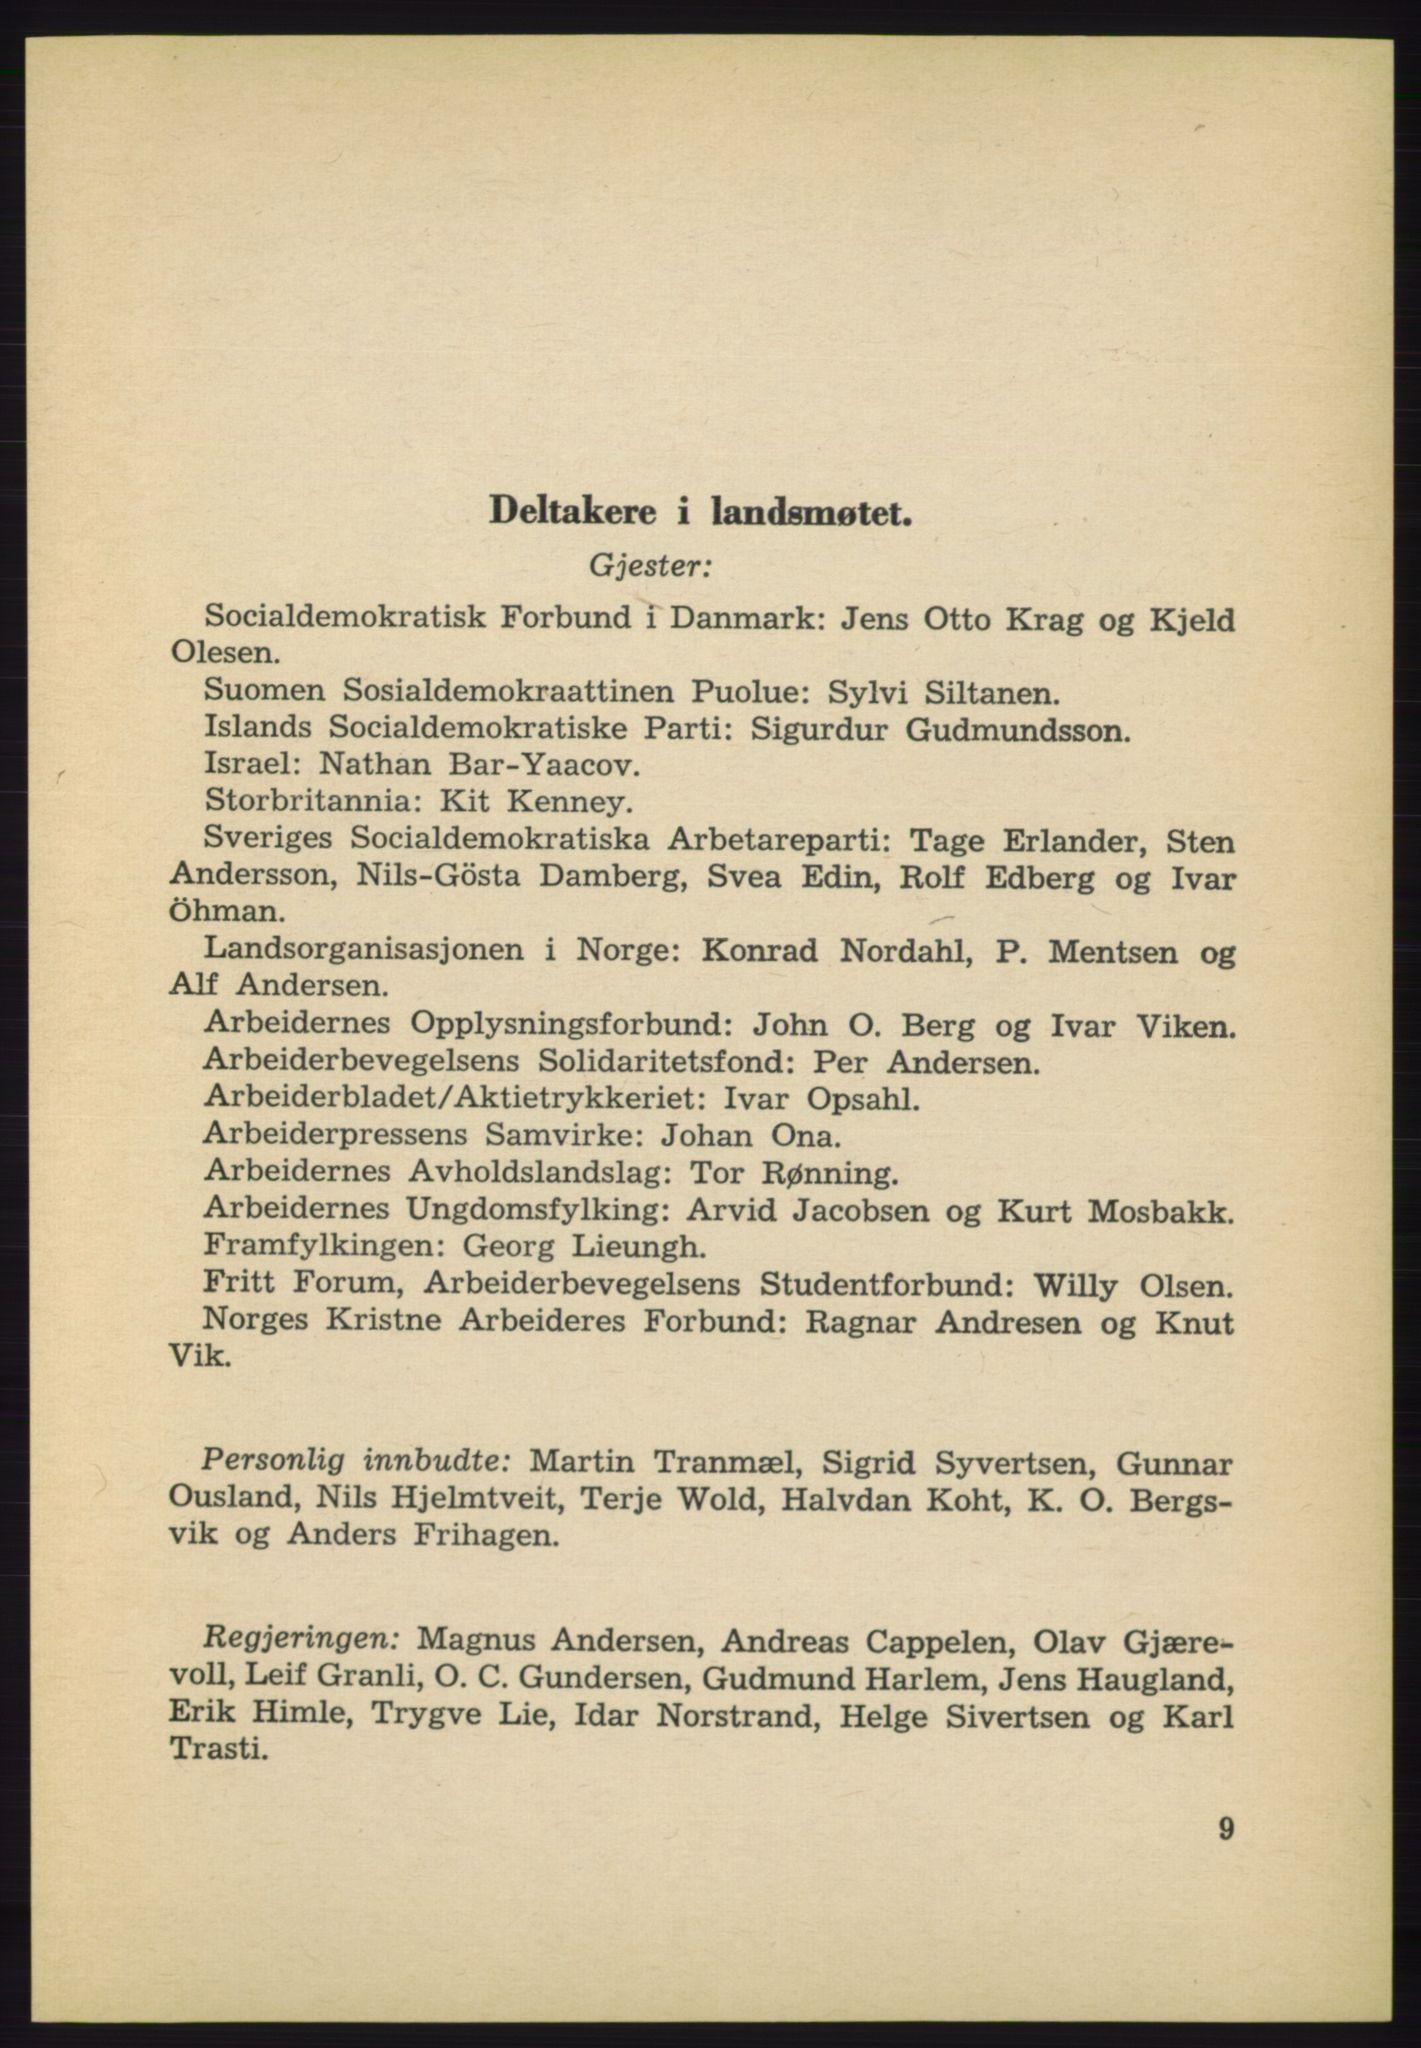 AAB, Det norske Arbeiderparti - publikasjoner, -/-: Protokoll over forhandlingene på det 40. ordinære landsmøte 27.-29. mai 1965 i Oslo, 1965, s. 9